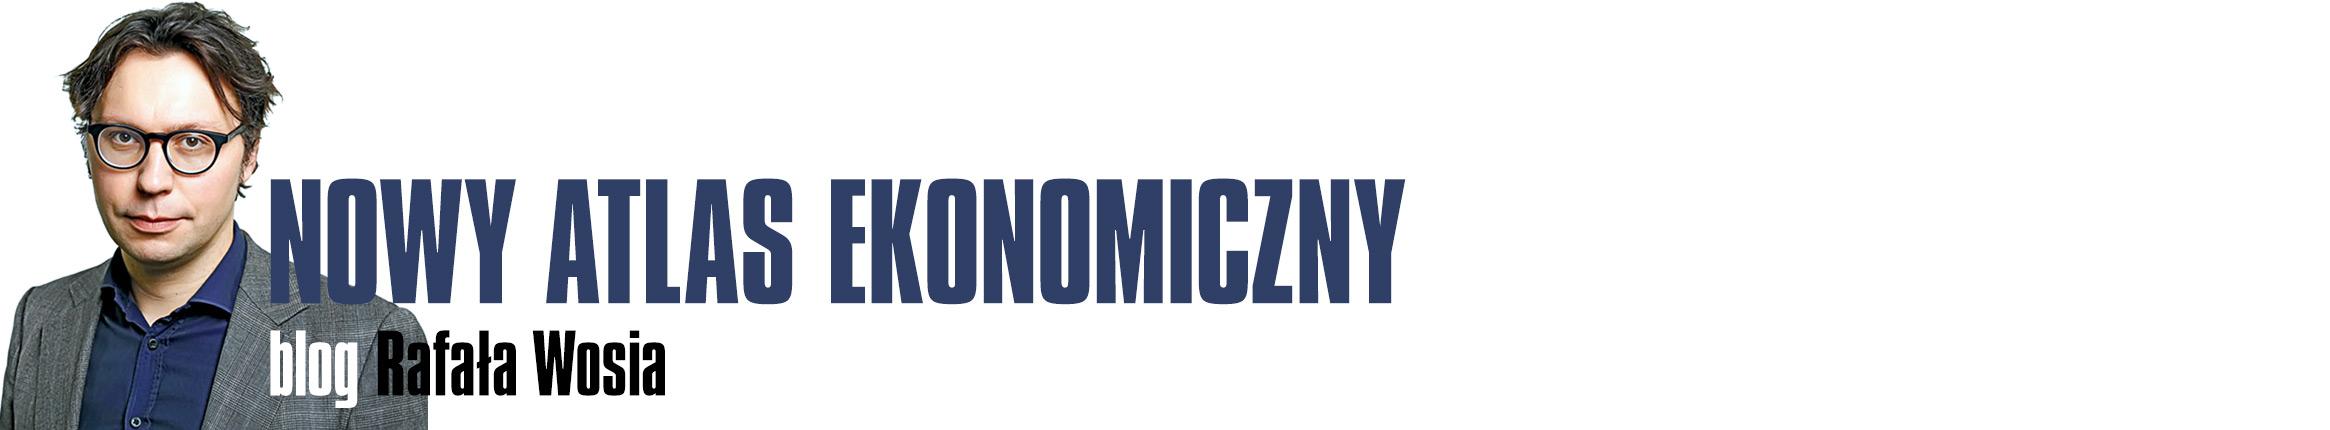 Nowy Atlas Ekonomiczny - blog Rafała Wosia